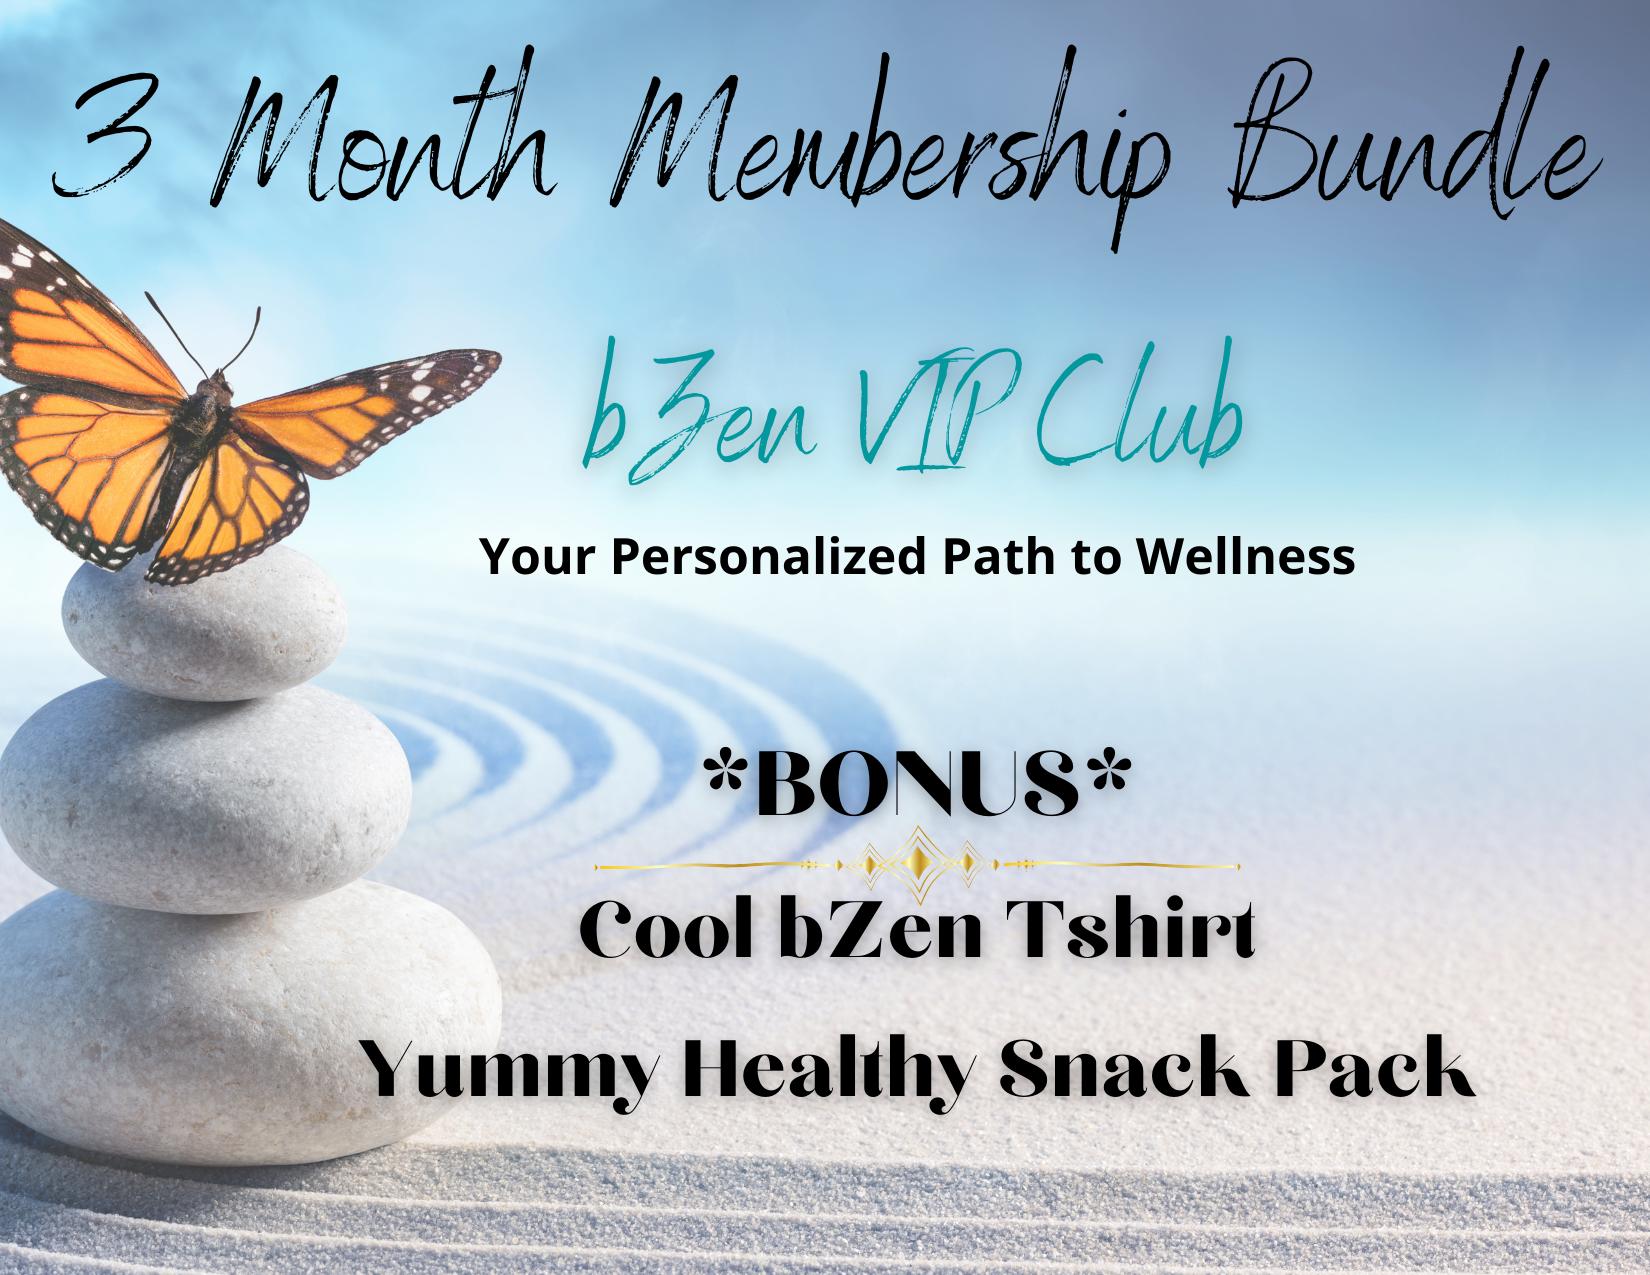 bZen VIP+ Club Launch Promo Bundle